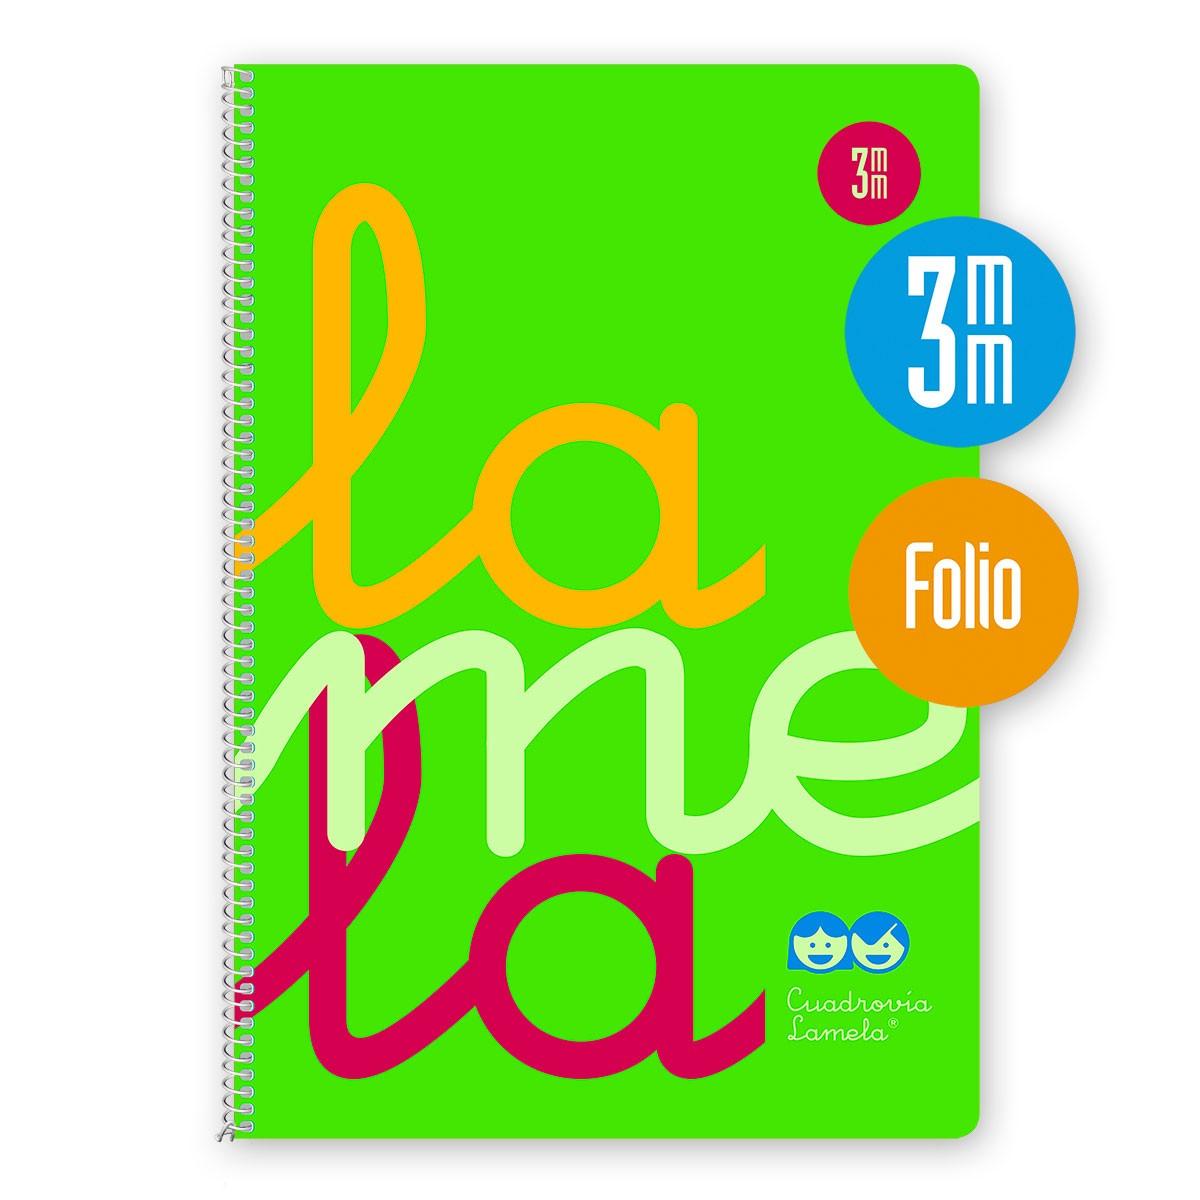 Cuaderno Espiral Folio 80 Hojas, 90 Grs. Cubierta Polipropileno Fluor. VERDE. Cuadrovía 3mm.